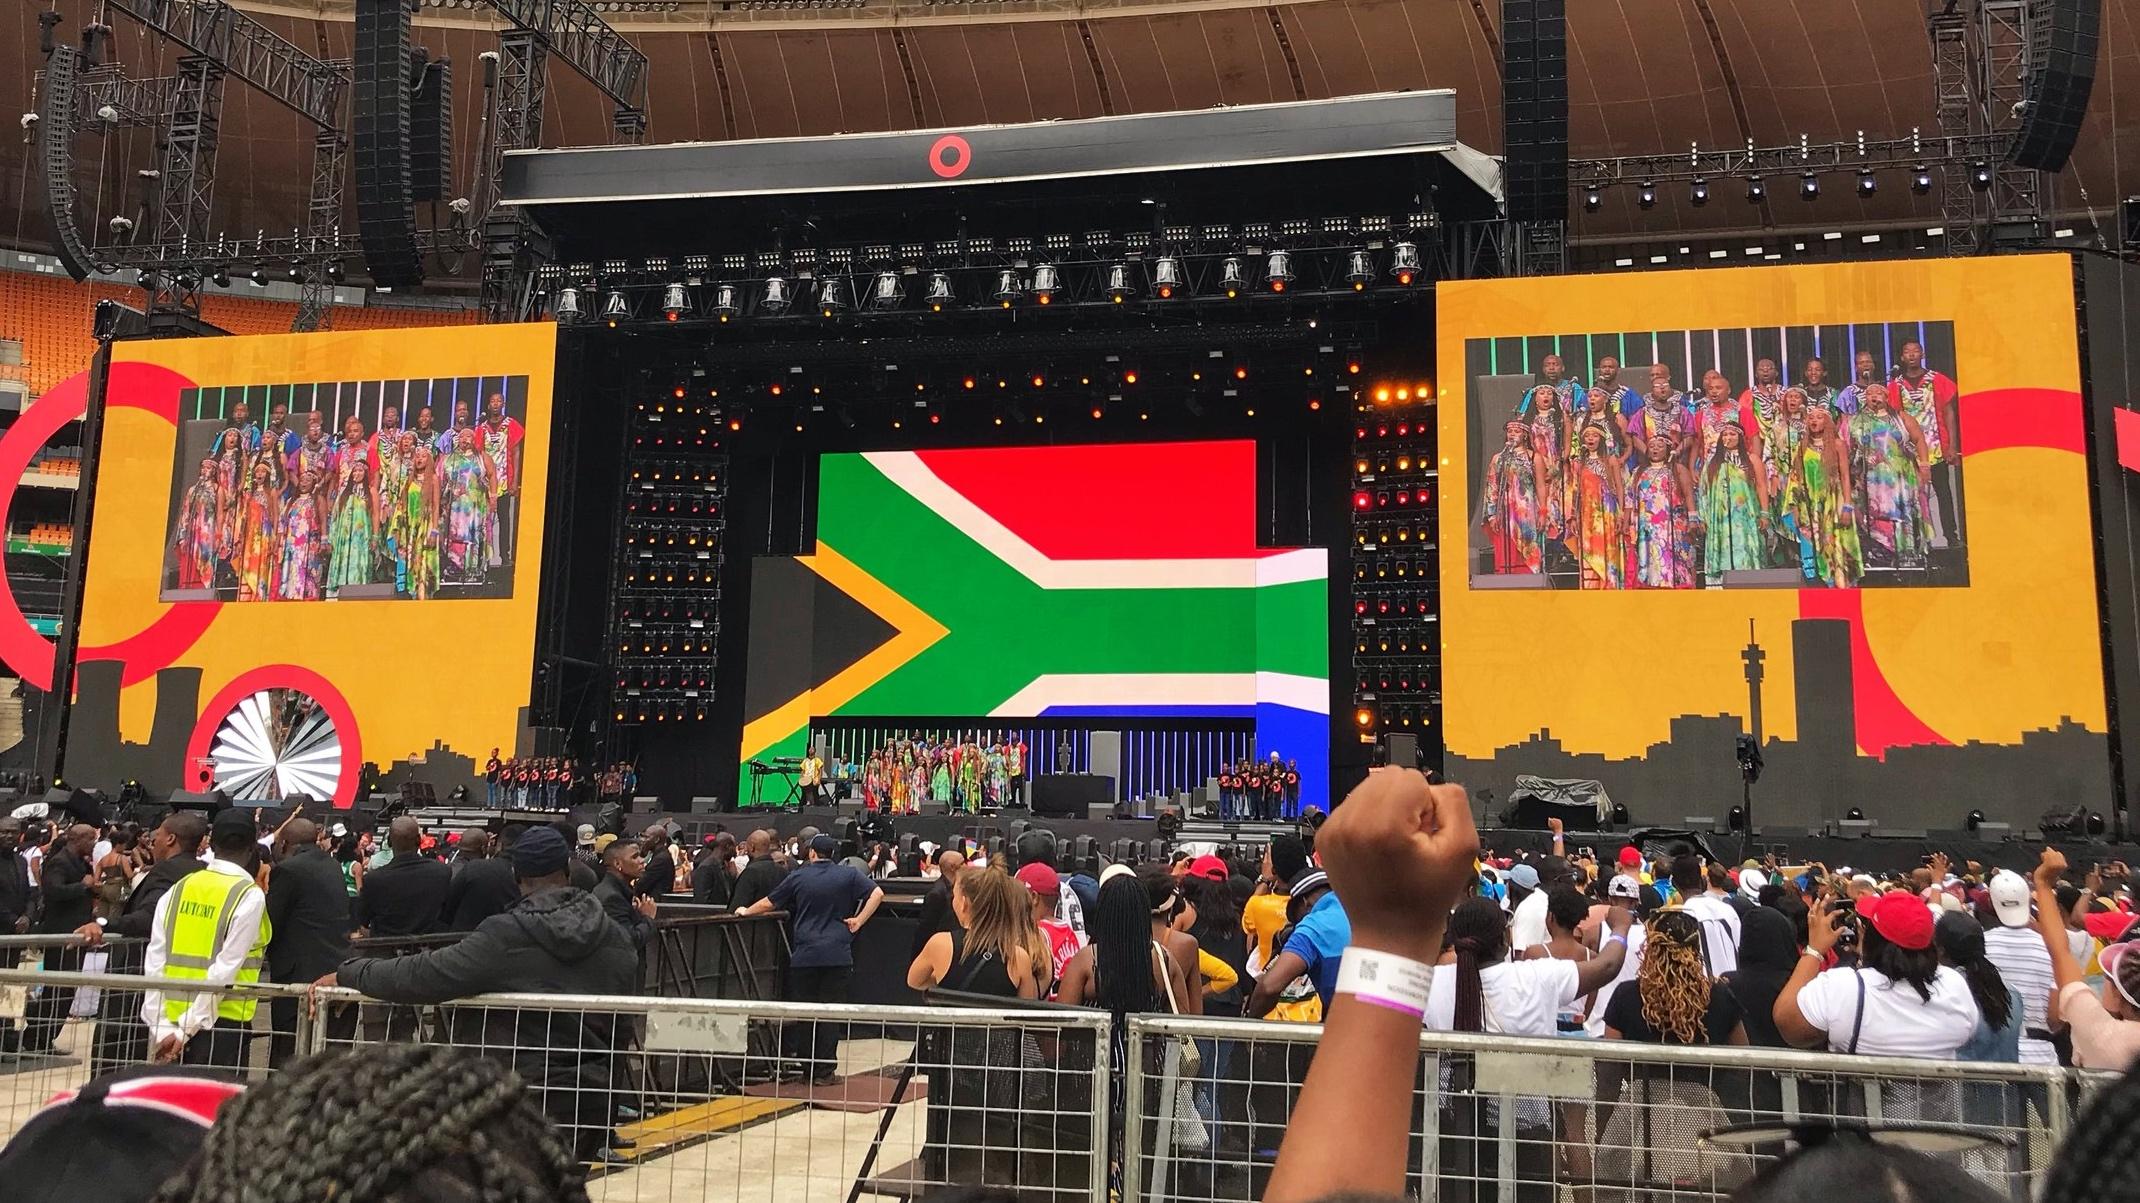 Global Citizen Festival: Mandela 100 - Johannesburg, South Africa